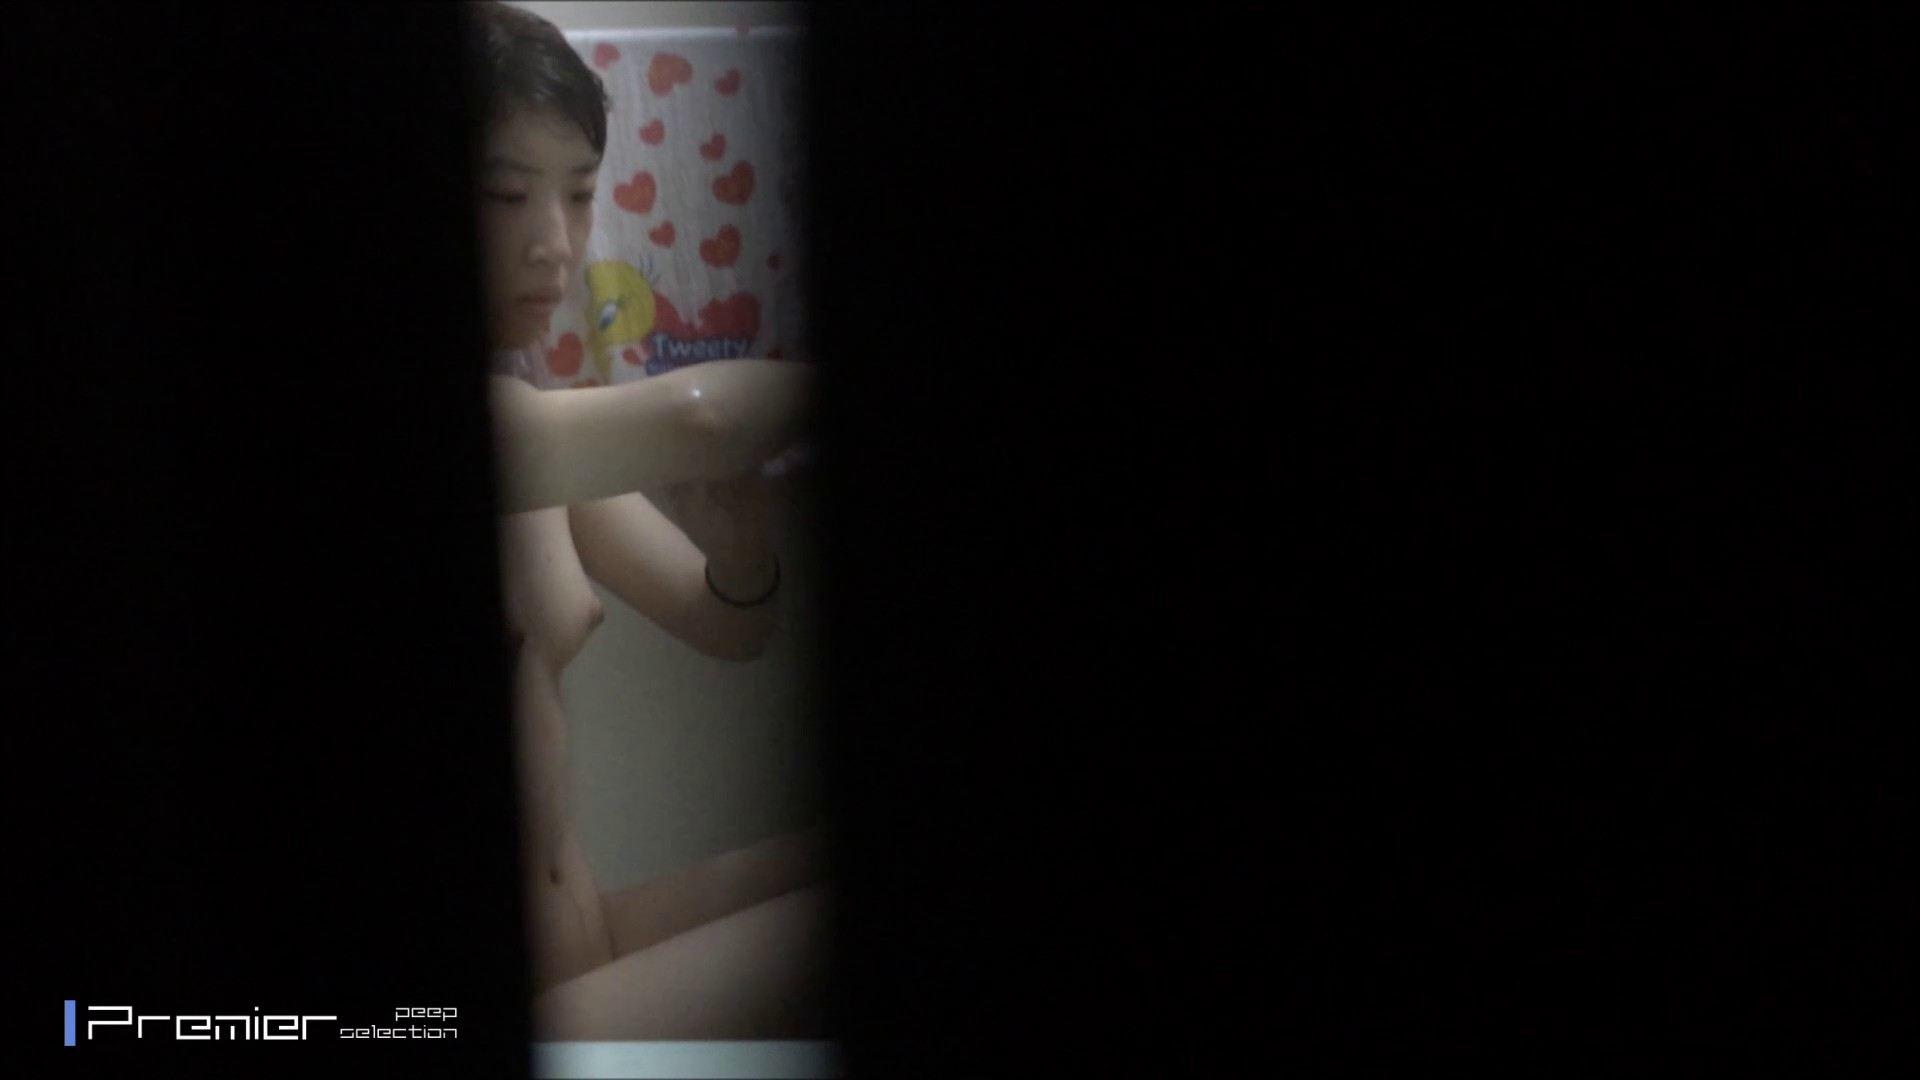 笑顔のスポーツ美女 乙女の風呂場 Vol.23 細身女性 オマンコ動画キャプチャ 105画像 56